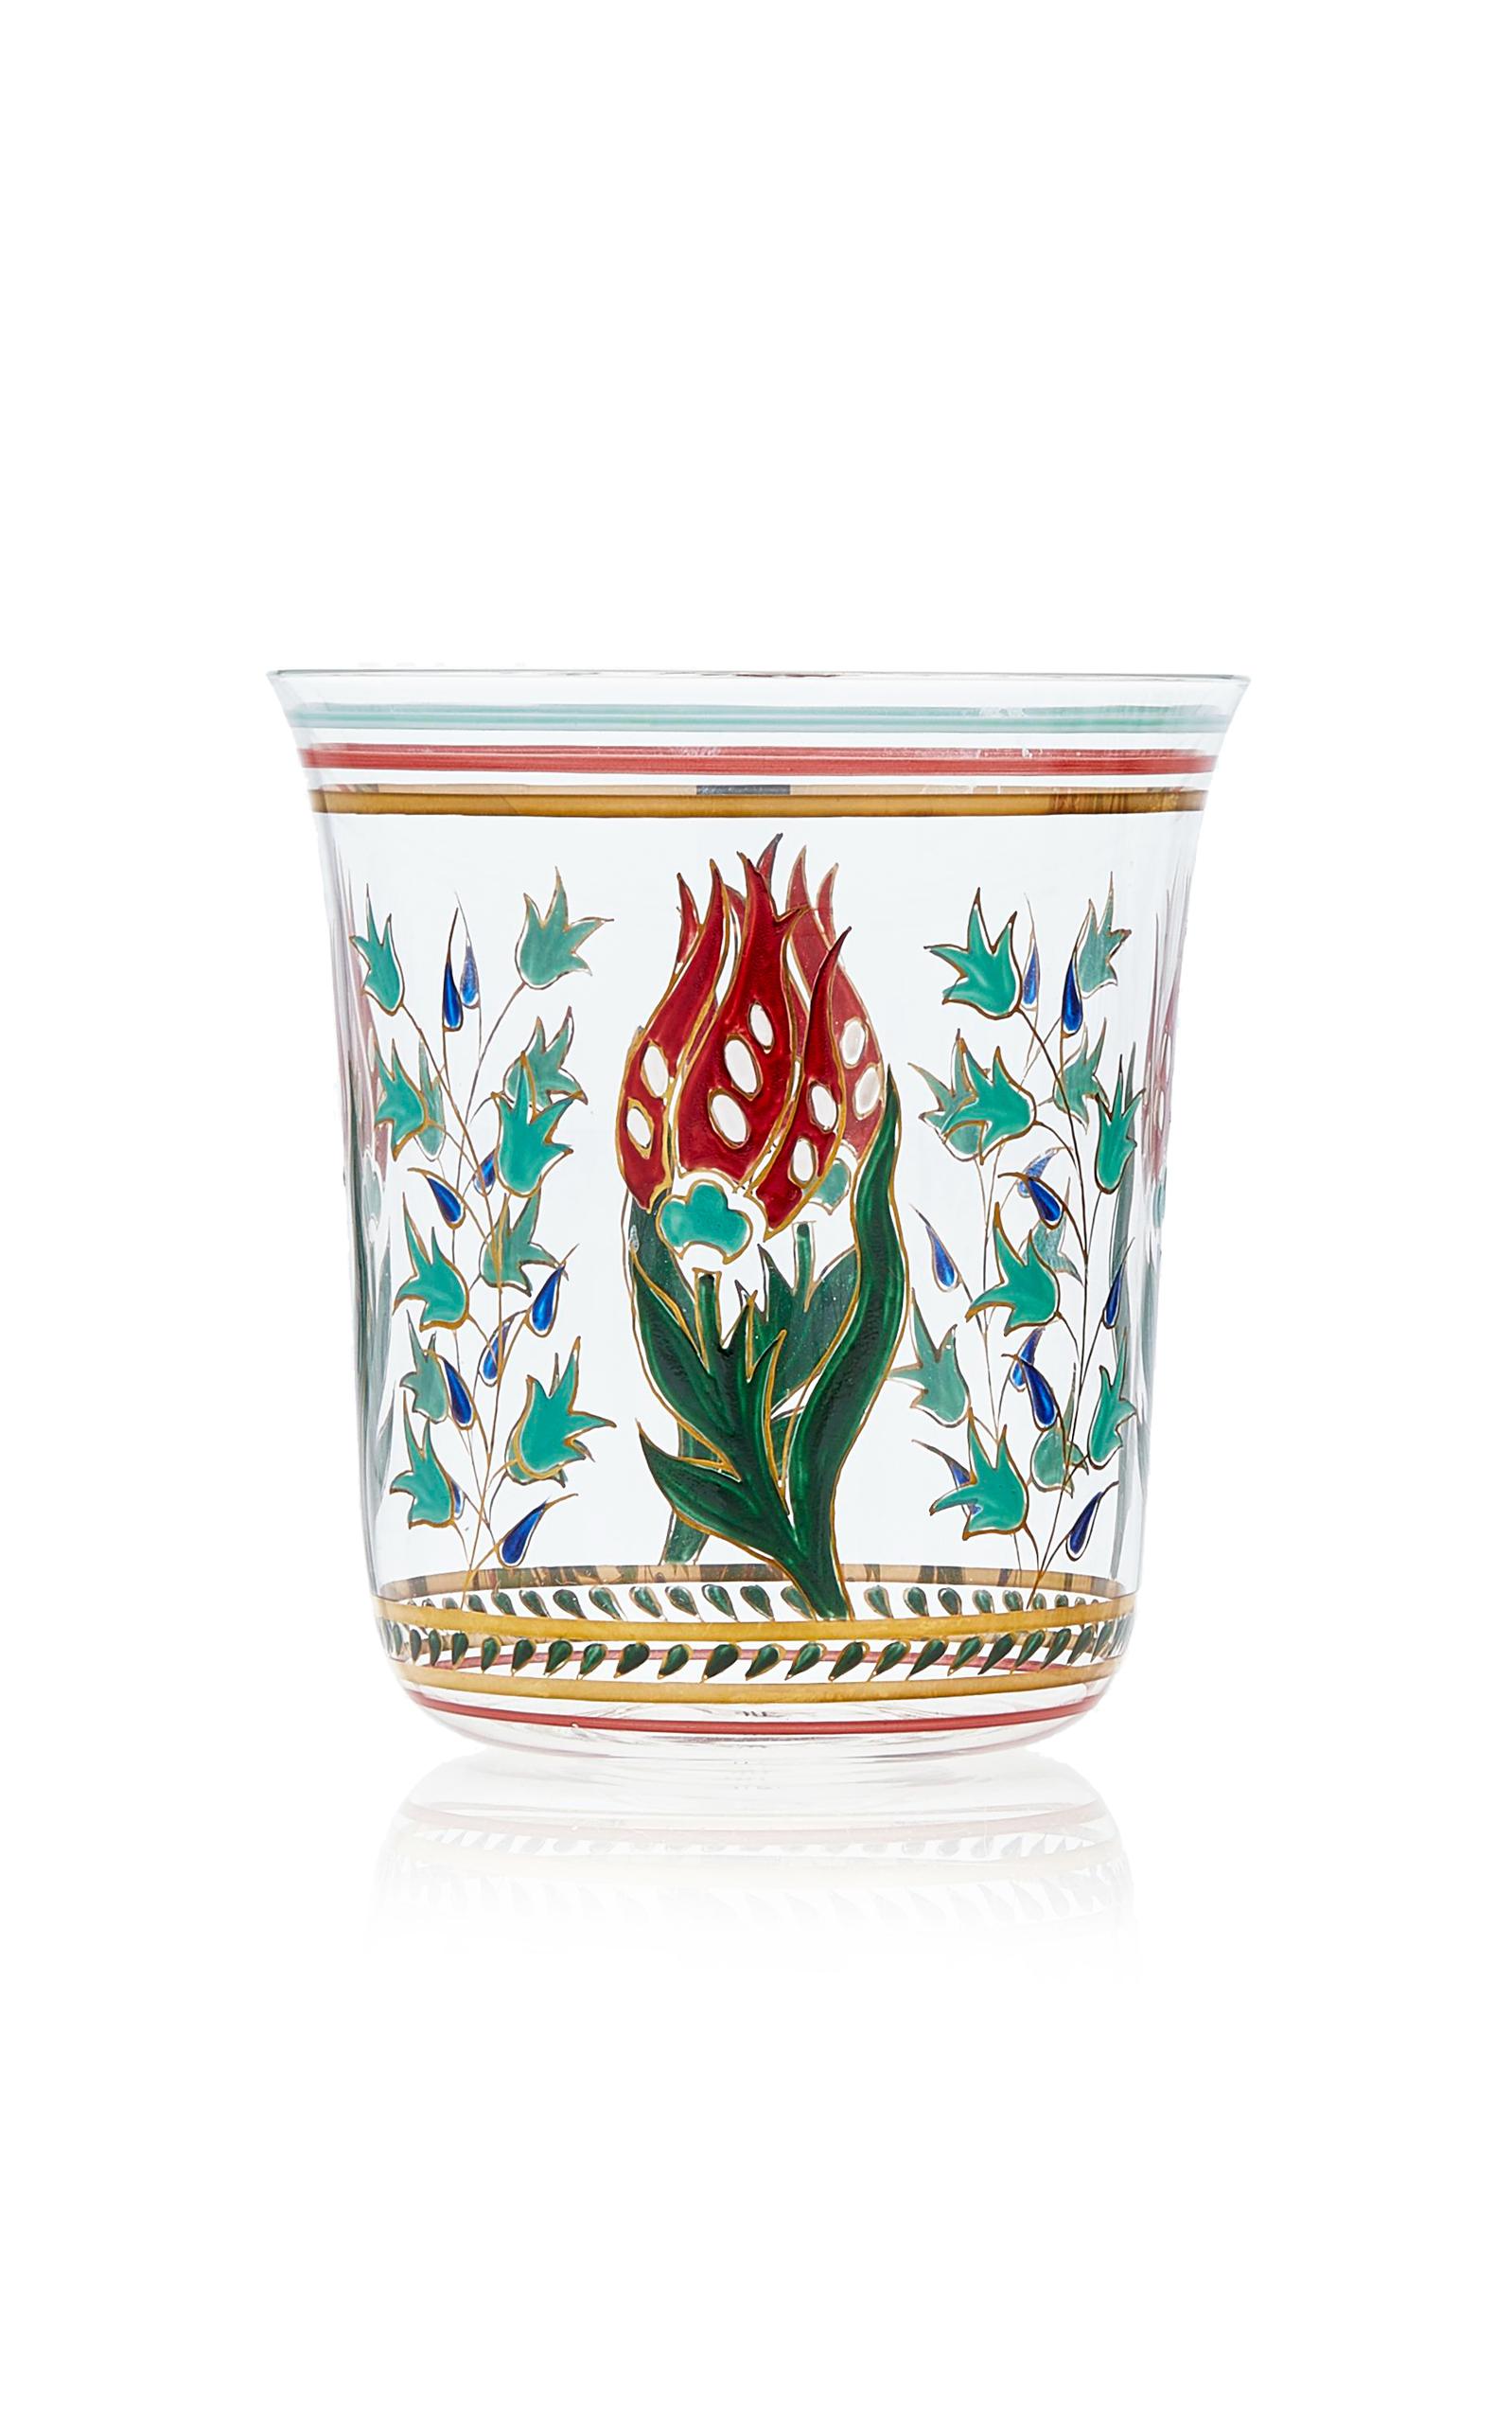 Lobmeyr – Persian No. 1 Handpainted Floral Motif Tumbler – Color: Multi – Material: glass – Moda Operandi